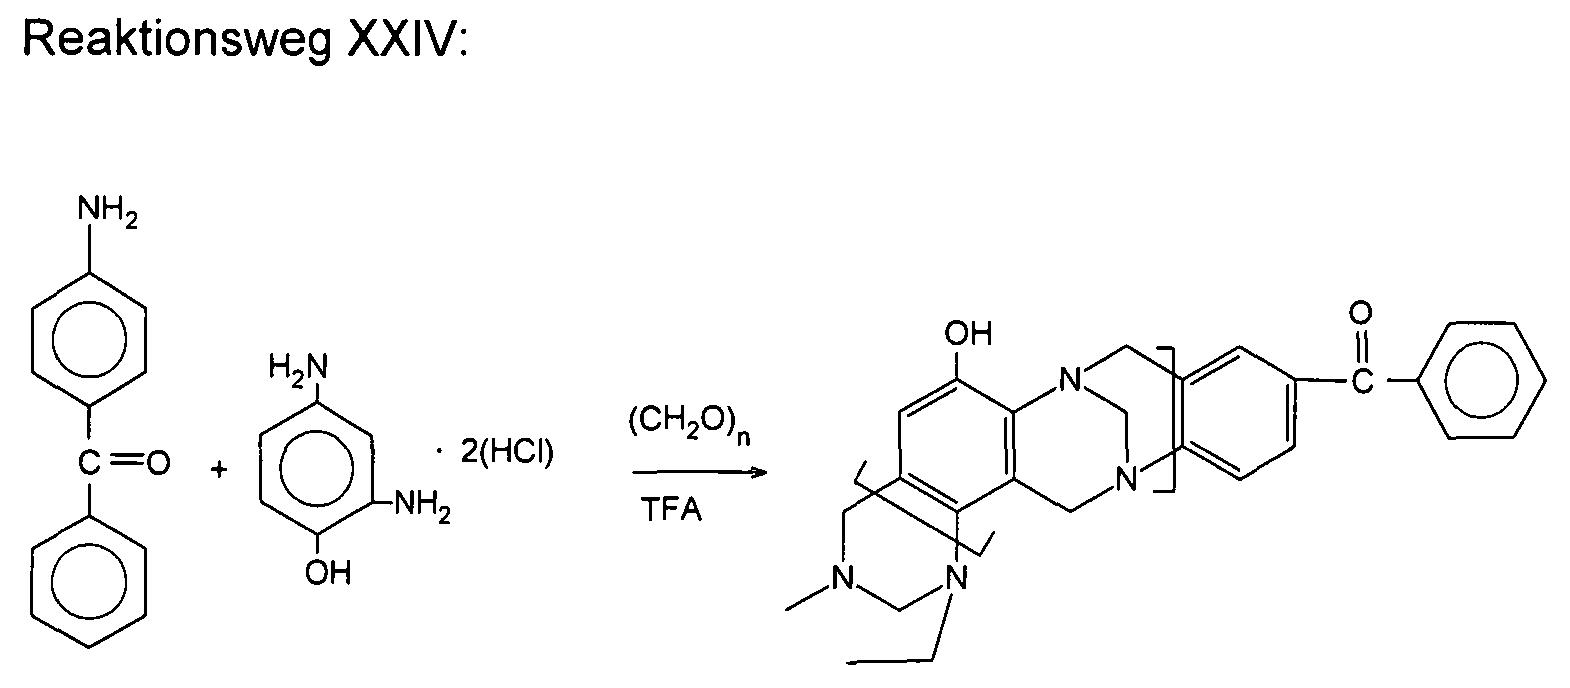 Figure DE112016005378T5_0059